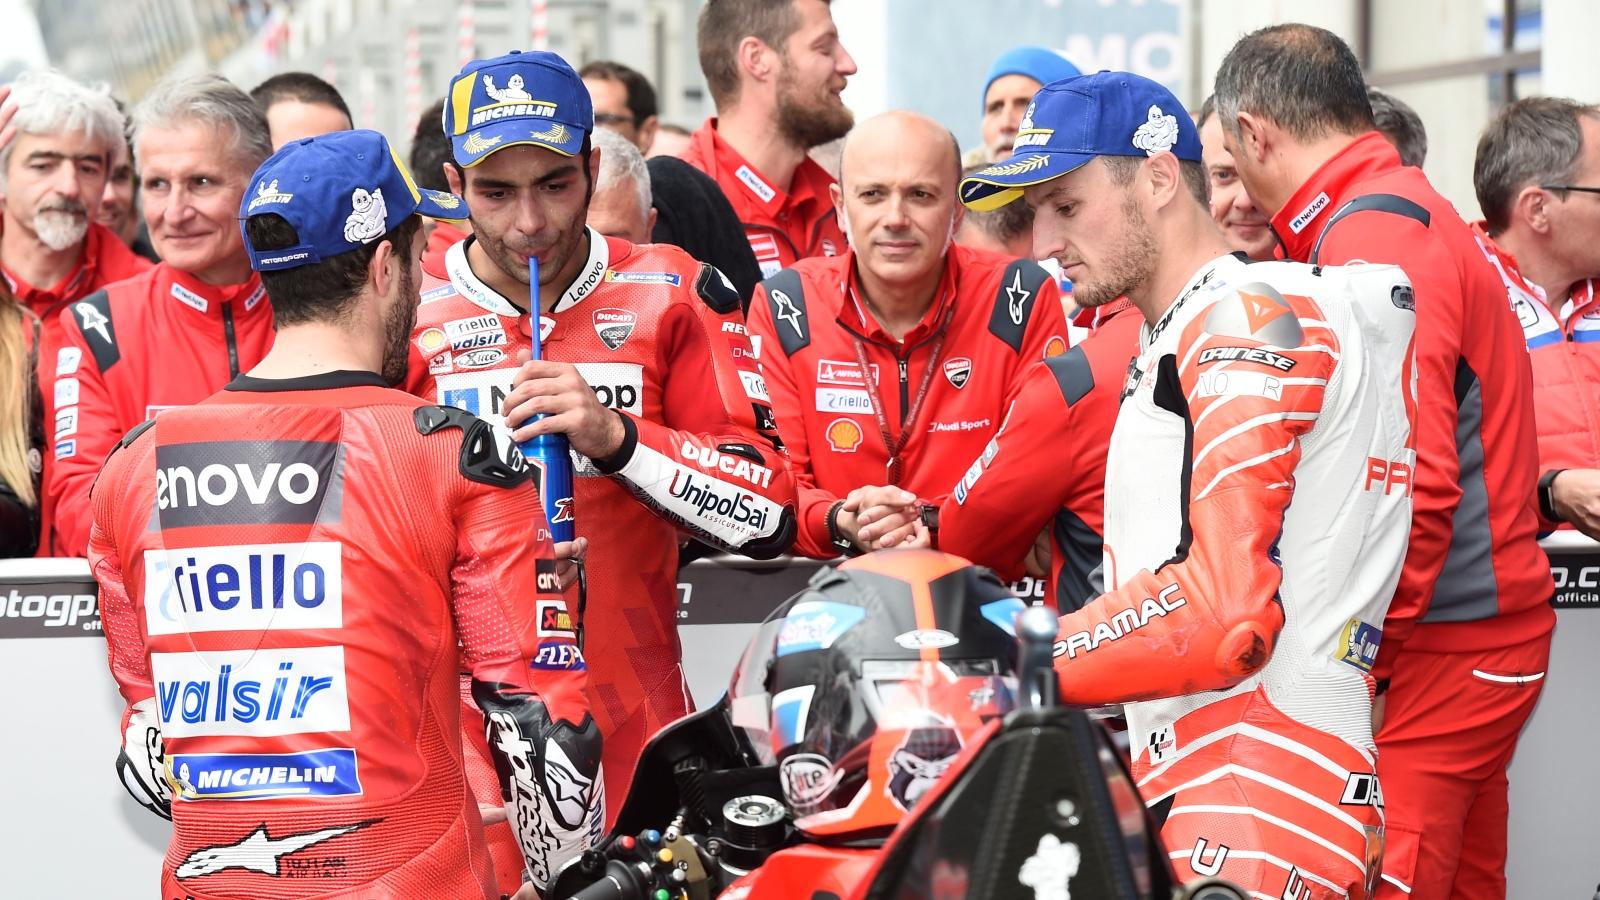 Ducati, máximo exponente actual de cantera en MotoGP